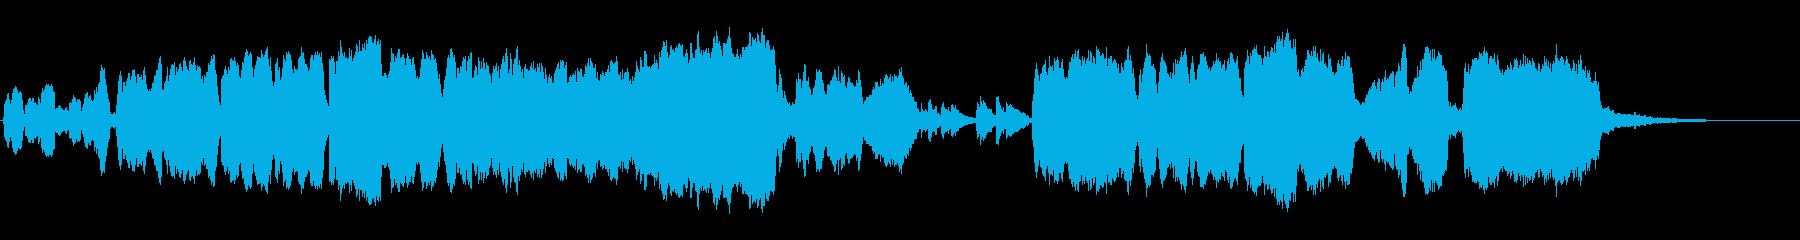 オーケストラとクラリネットの切ない曲の再生済みの波形